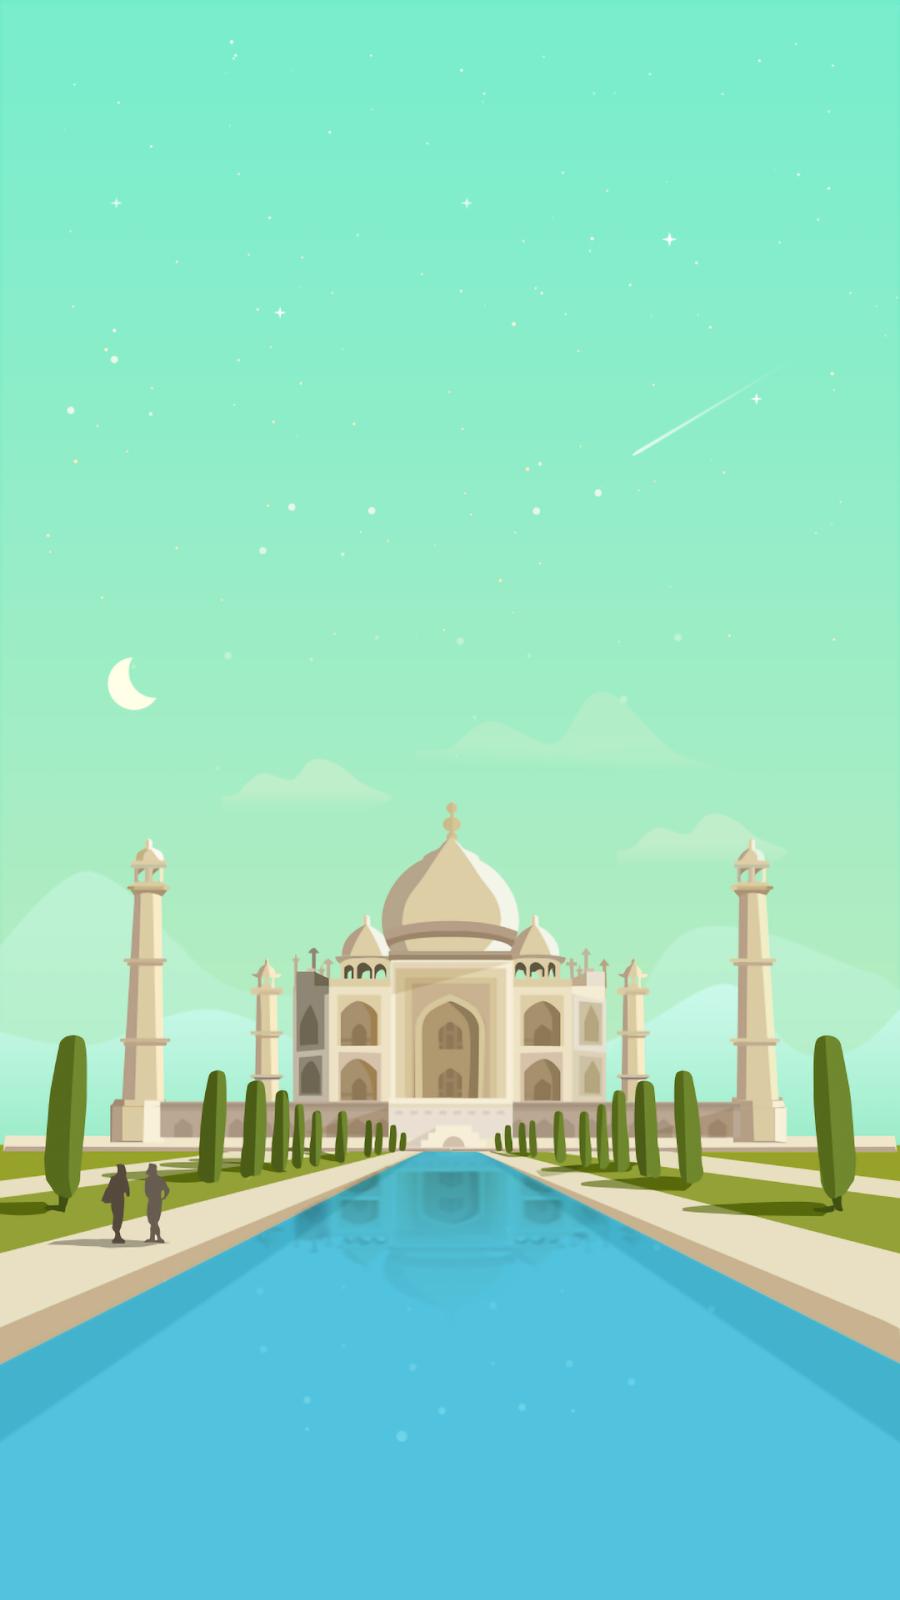 Taj Mahal wallpaper minimalist